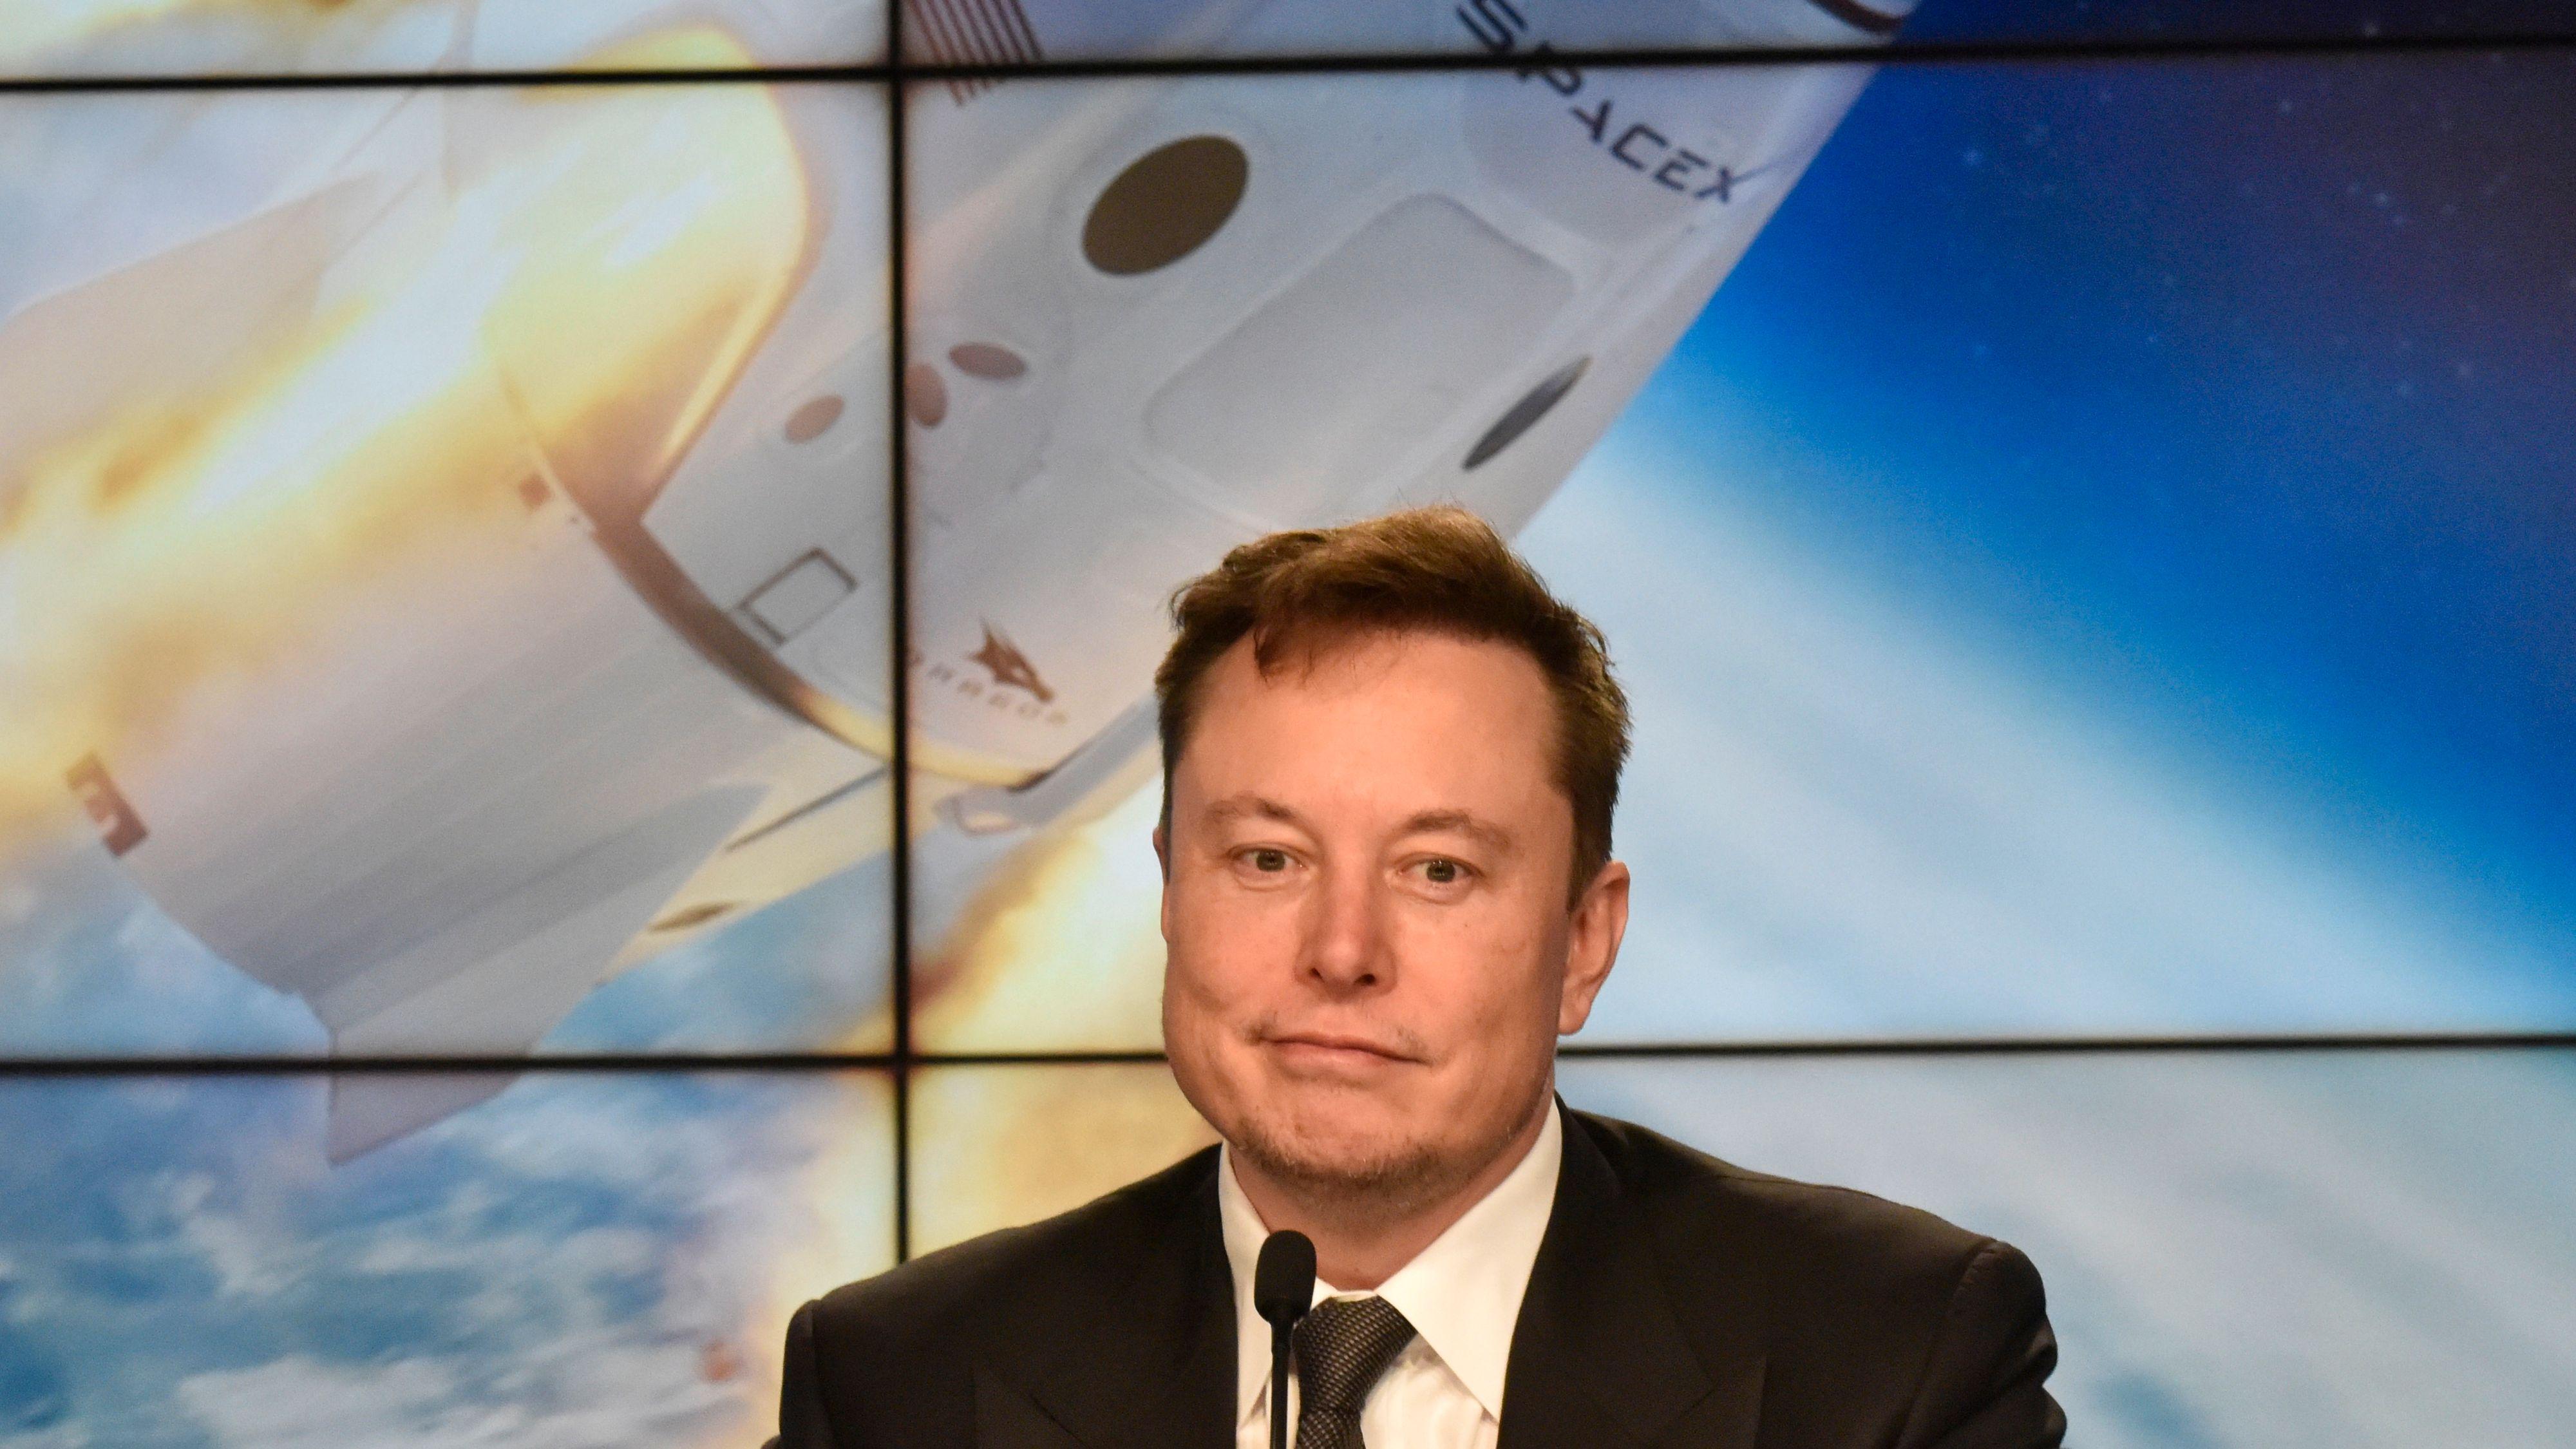 Elon Musk: Slett Facebook, det er kjedelig